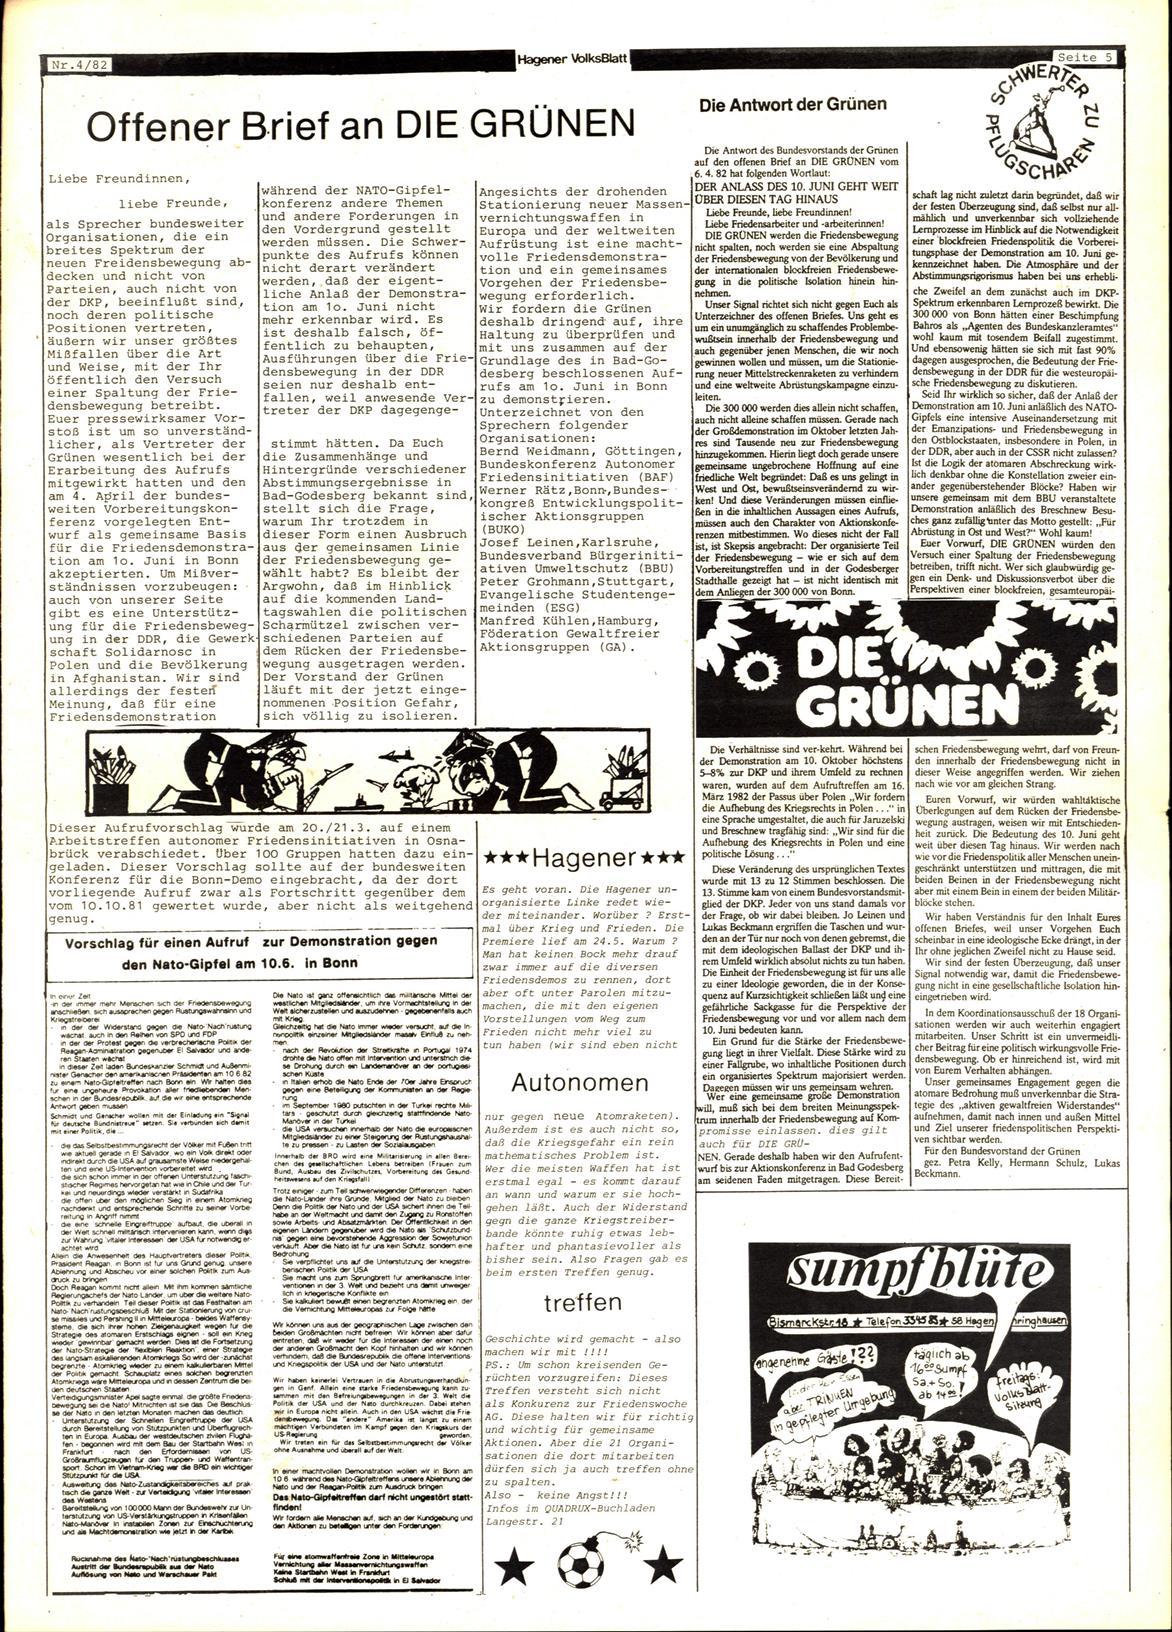 Hagen_Volksblatt_19820600_05